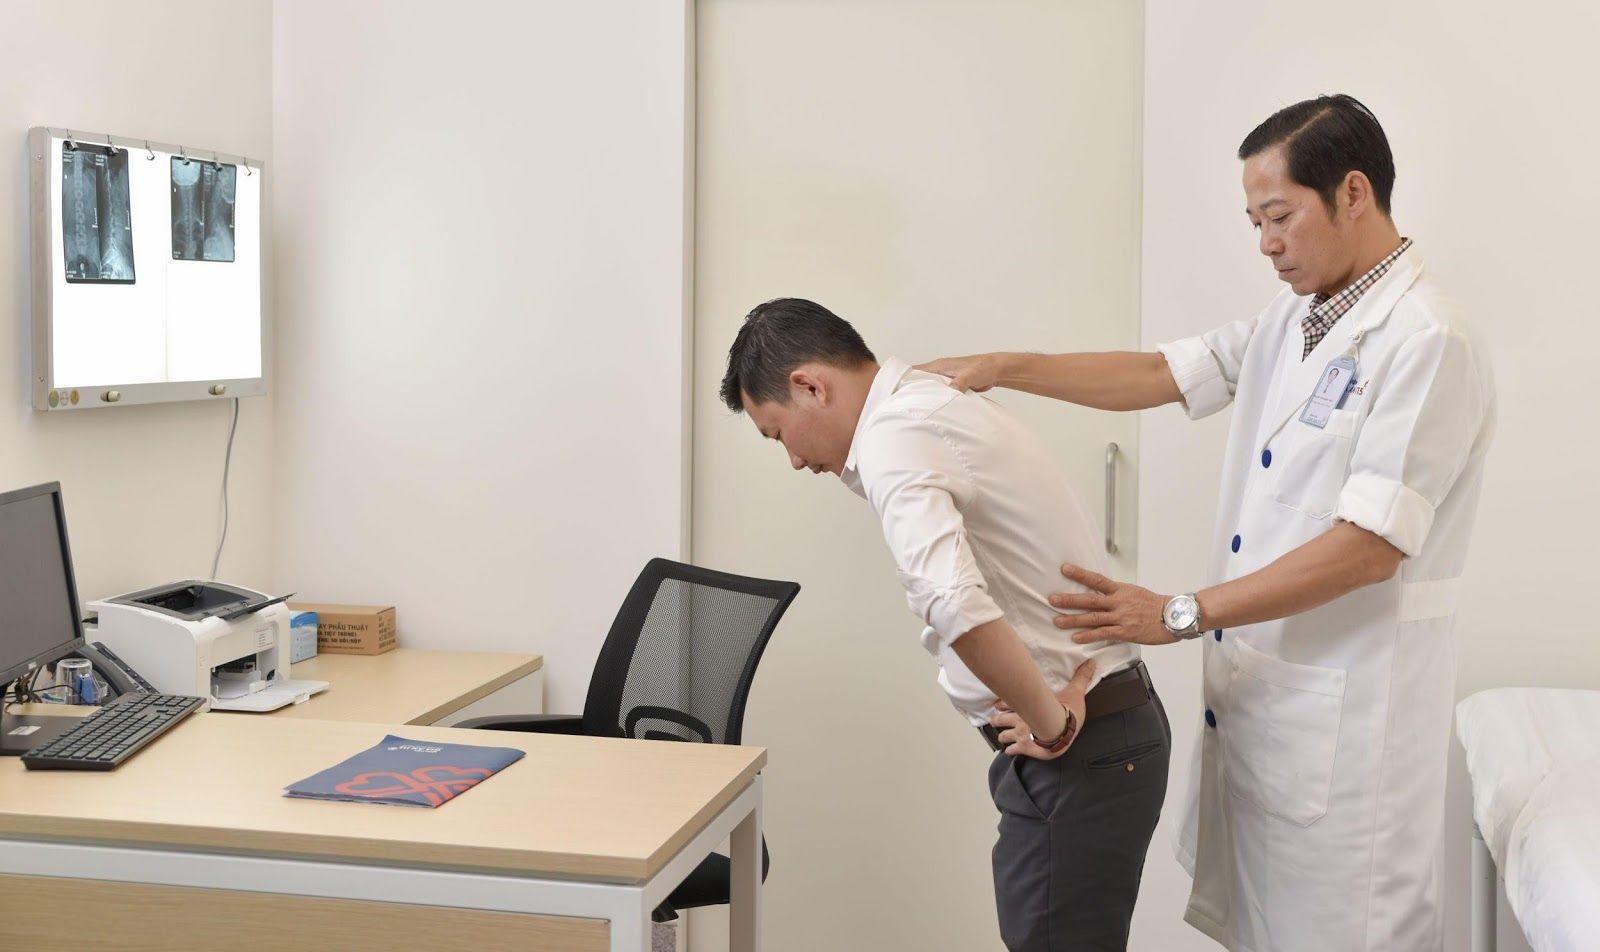 Phương pháp vật lý trị liệu giúp cải thiện tình trạng thoái hóa cột sống